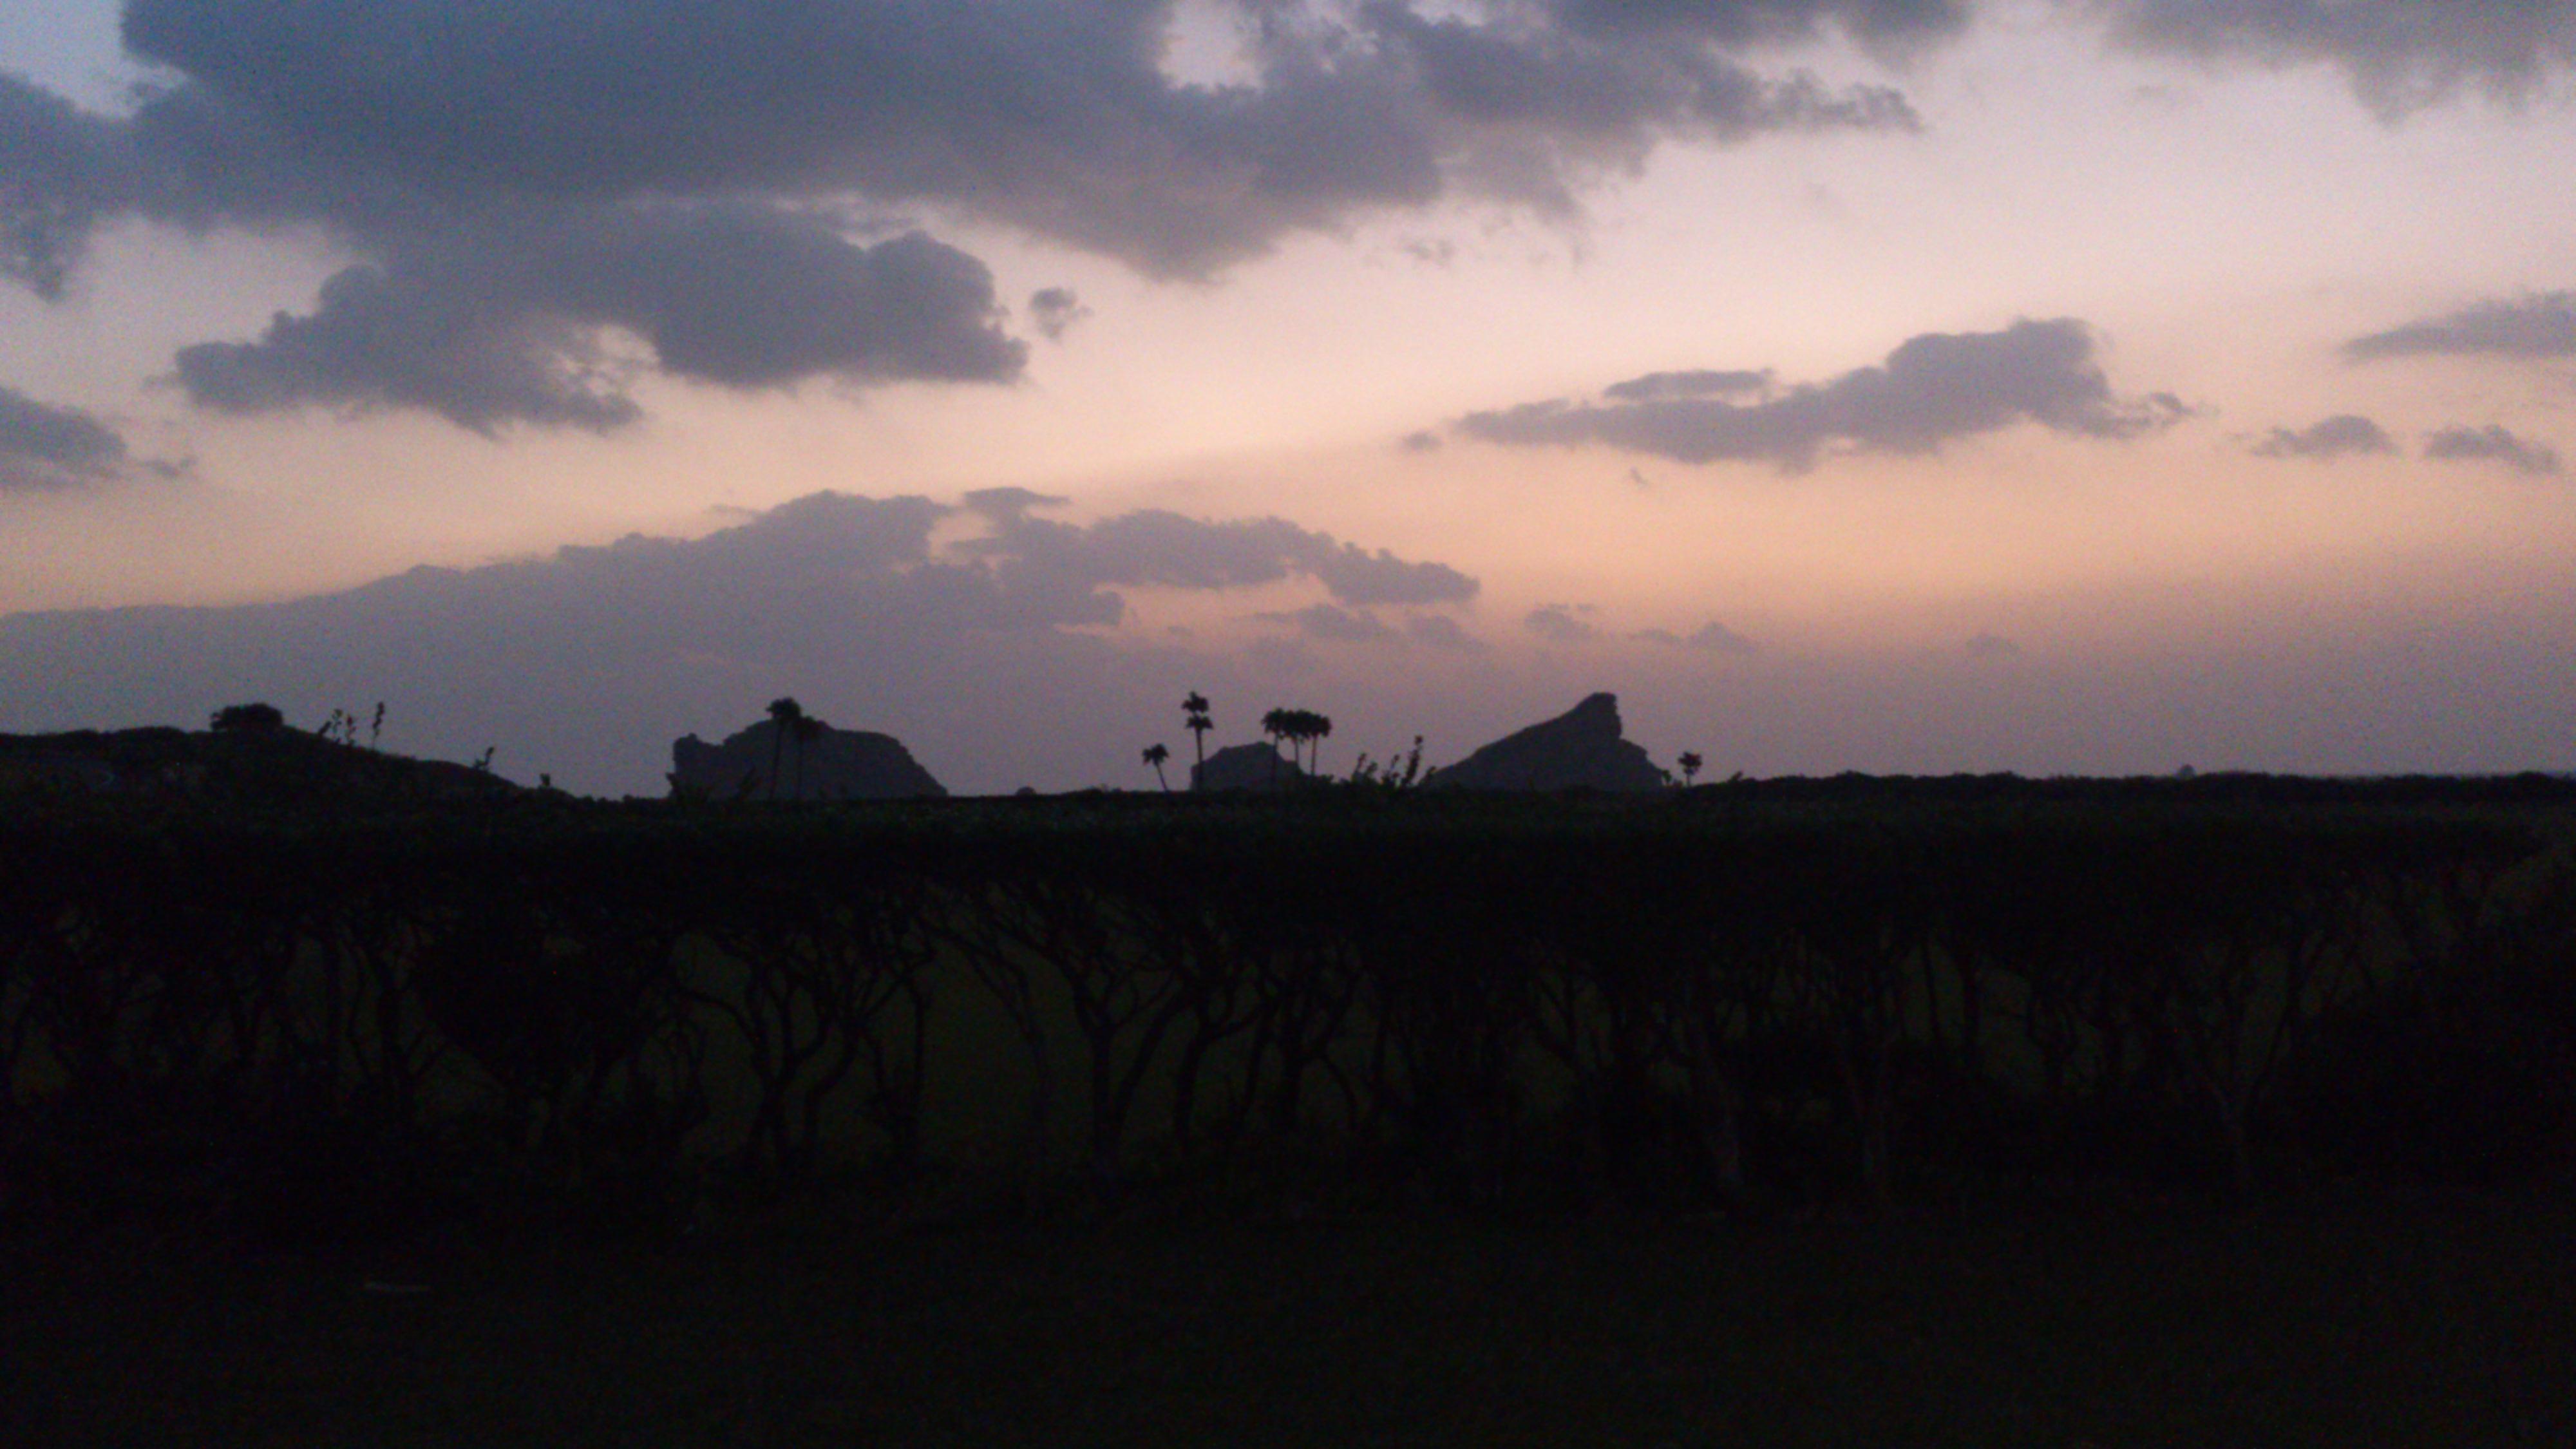 2012年12月。僕は種子島を一人で旅した:竹崎展望台で撮影したかは分からないが好きなショット